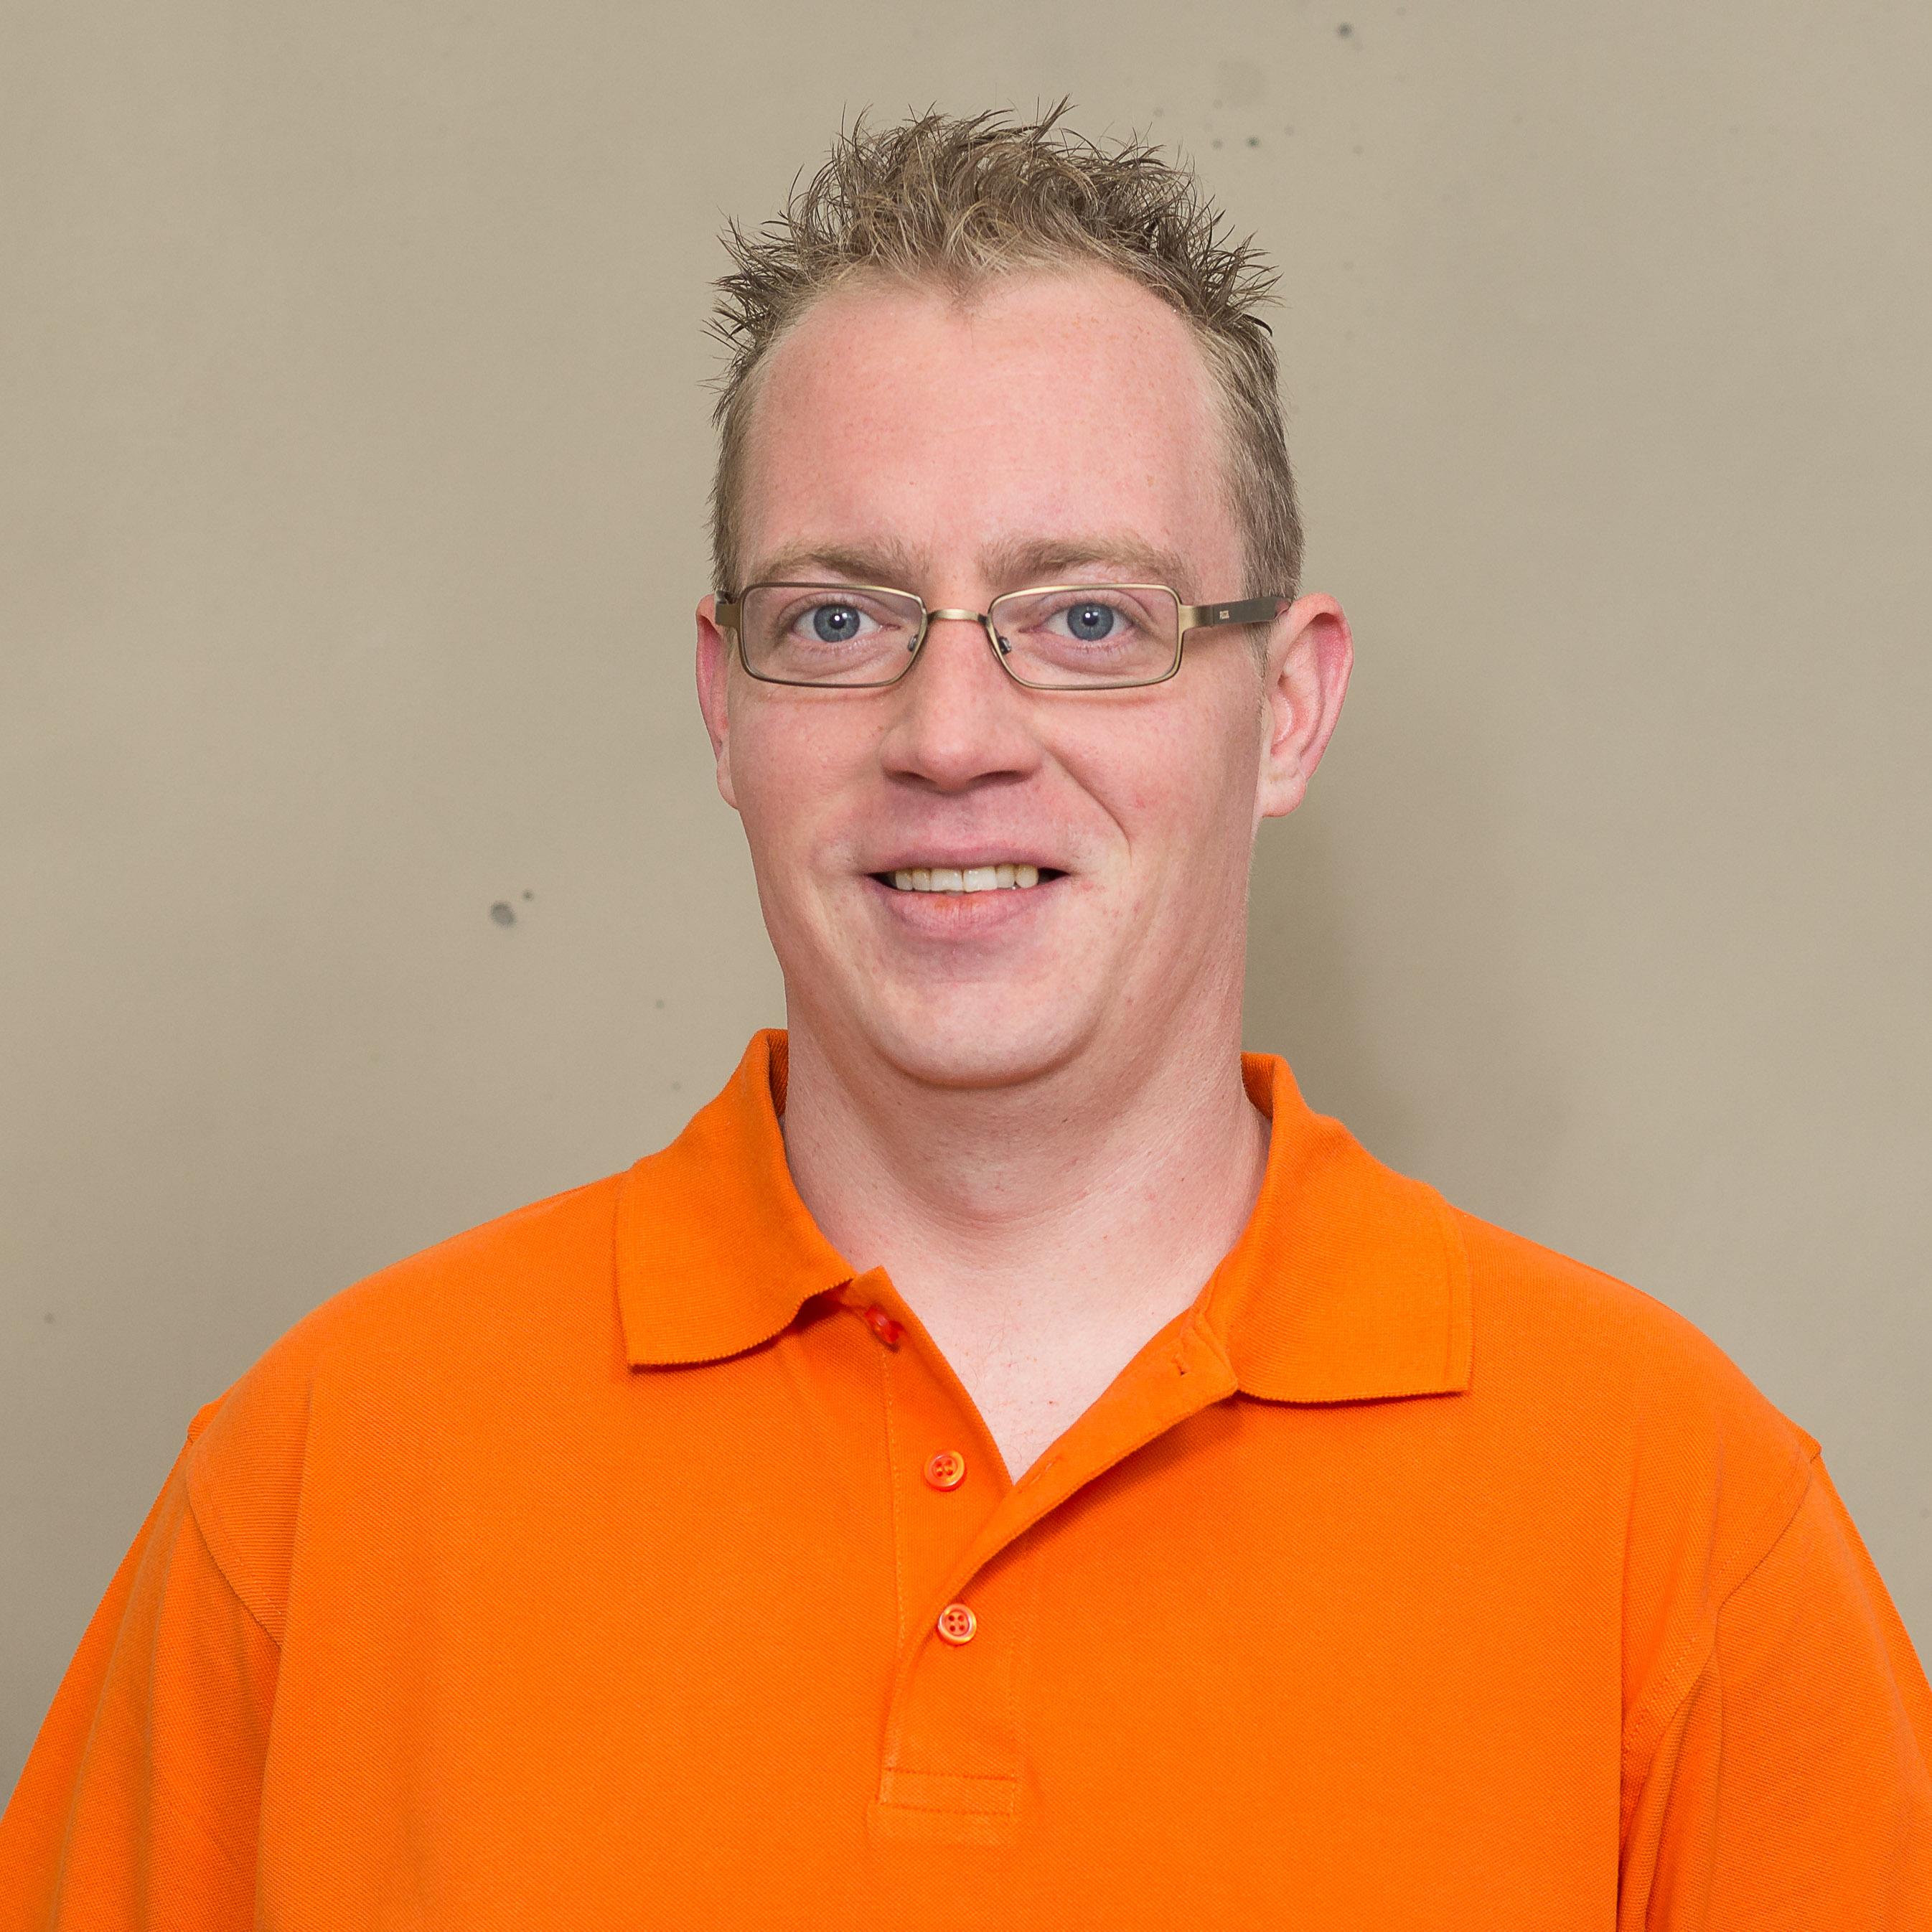 Stefan Schnittker